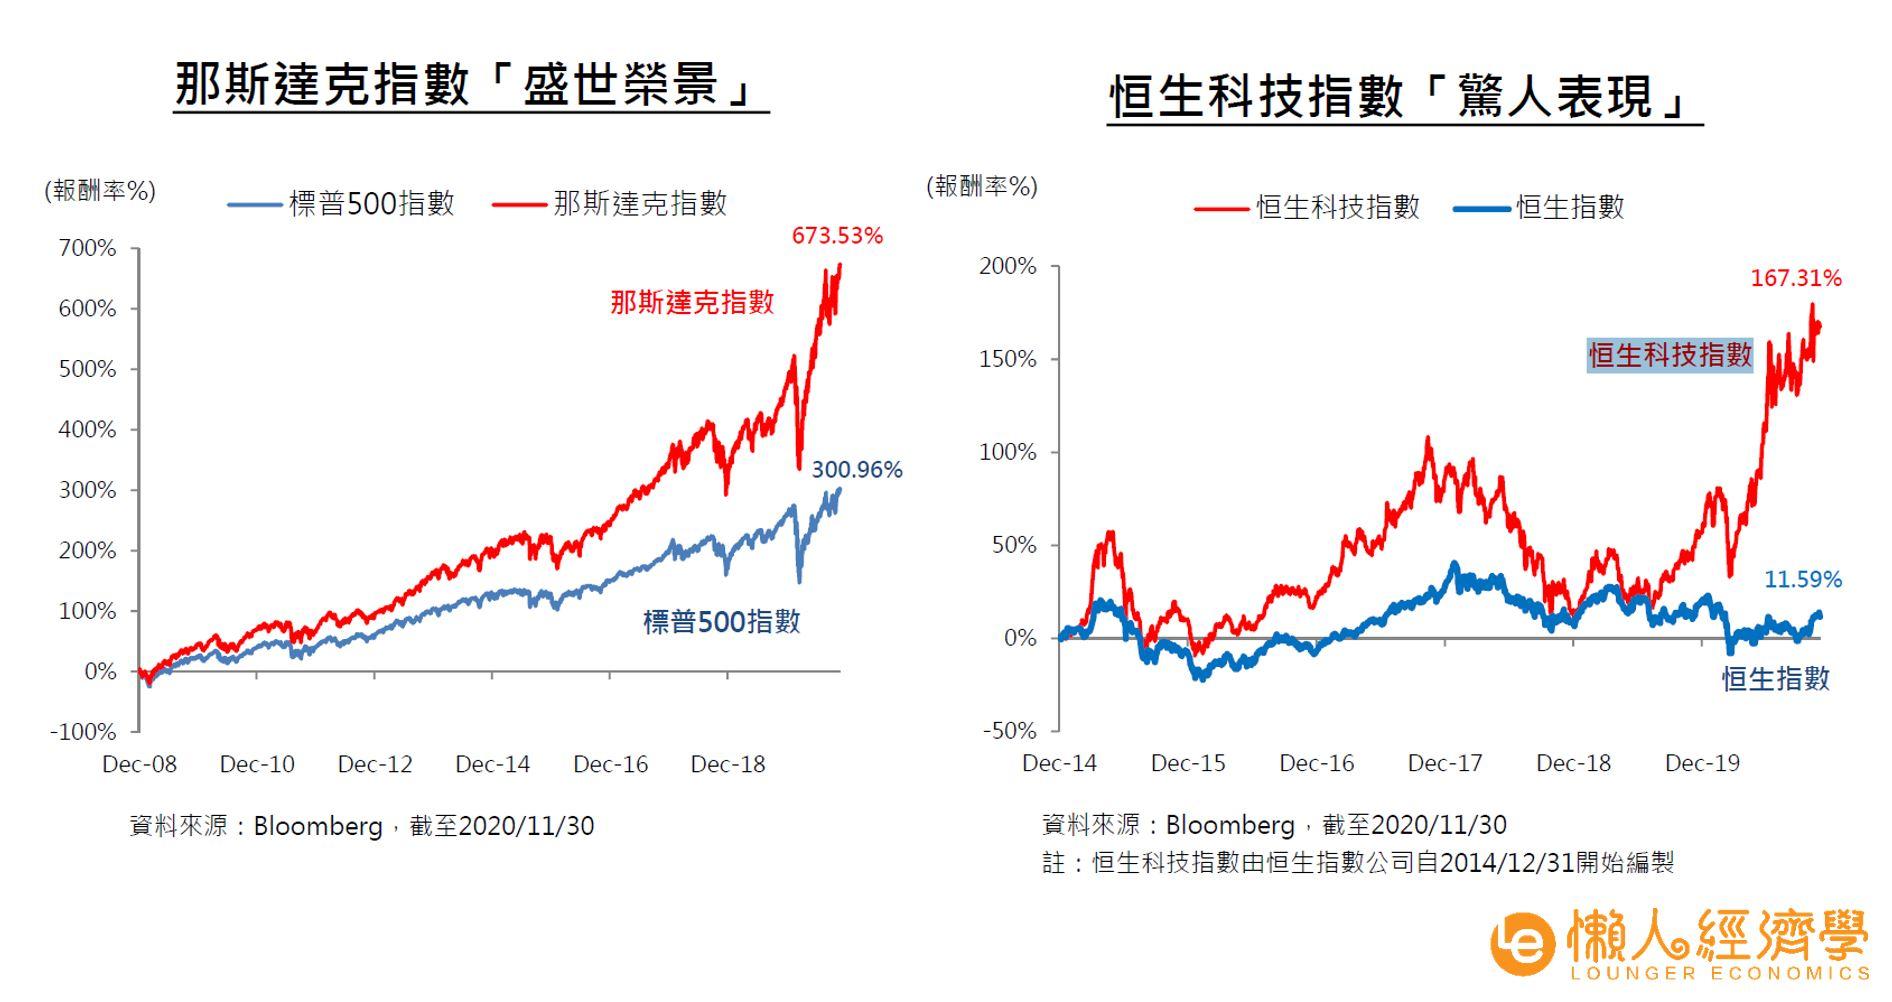 科技指數與整體市場指數比較